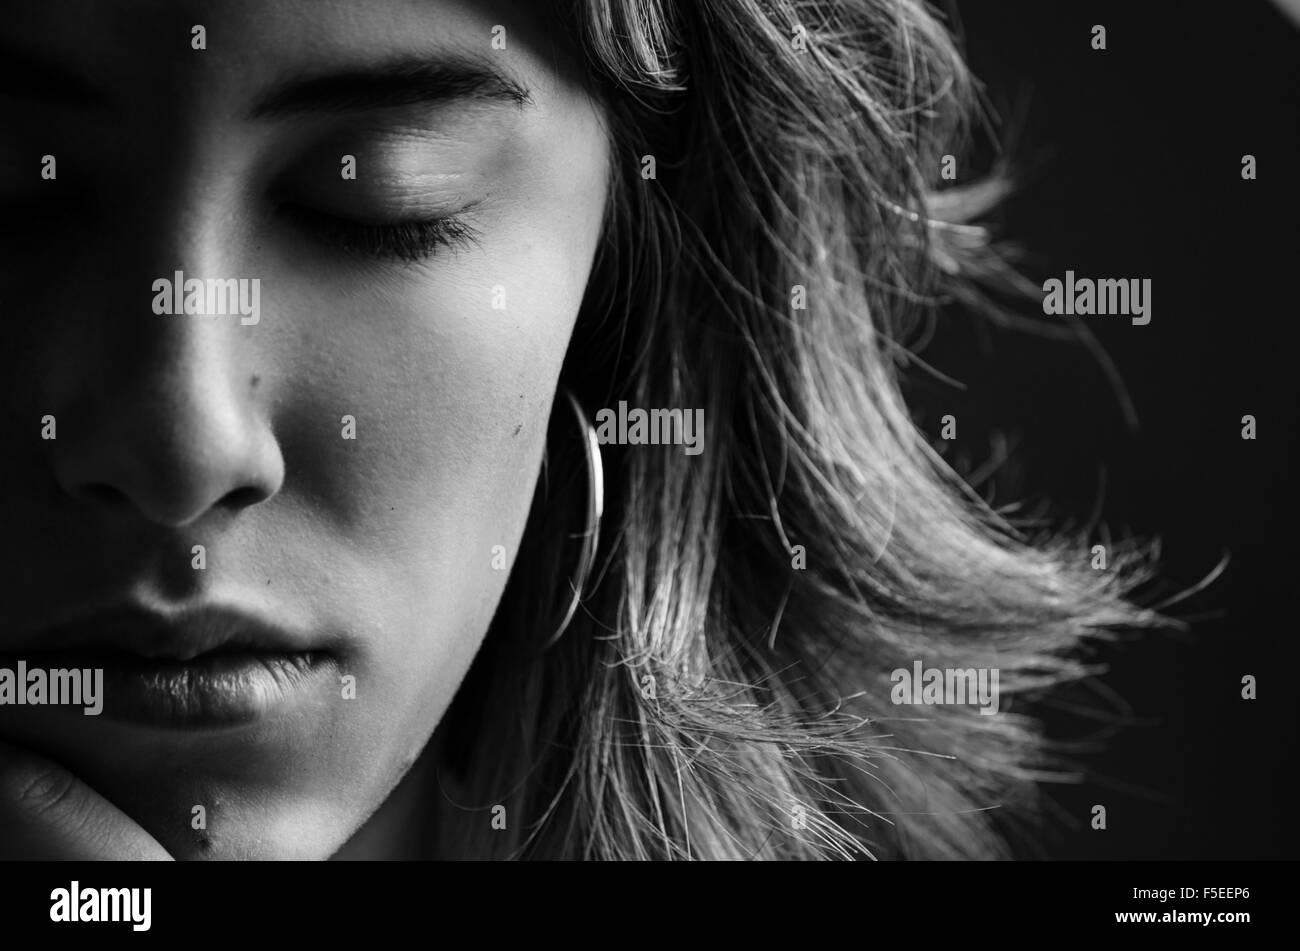 Porträt der jungen Frau mit geschlossenen Augen Stockbild